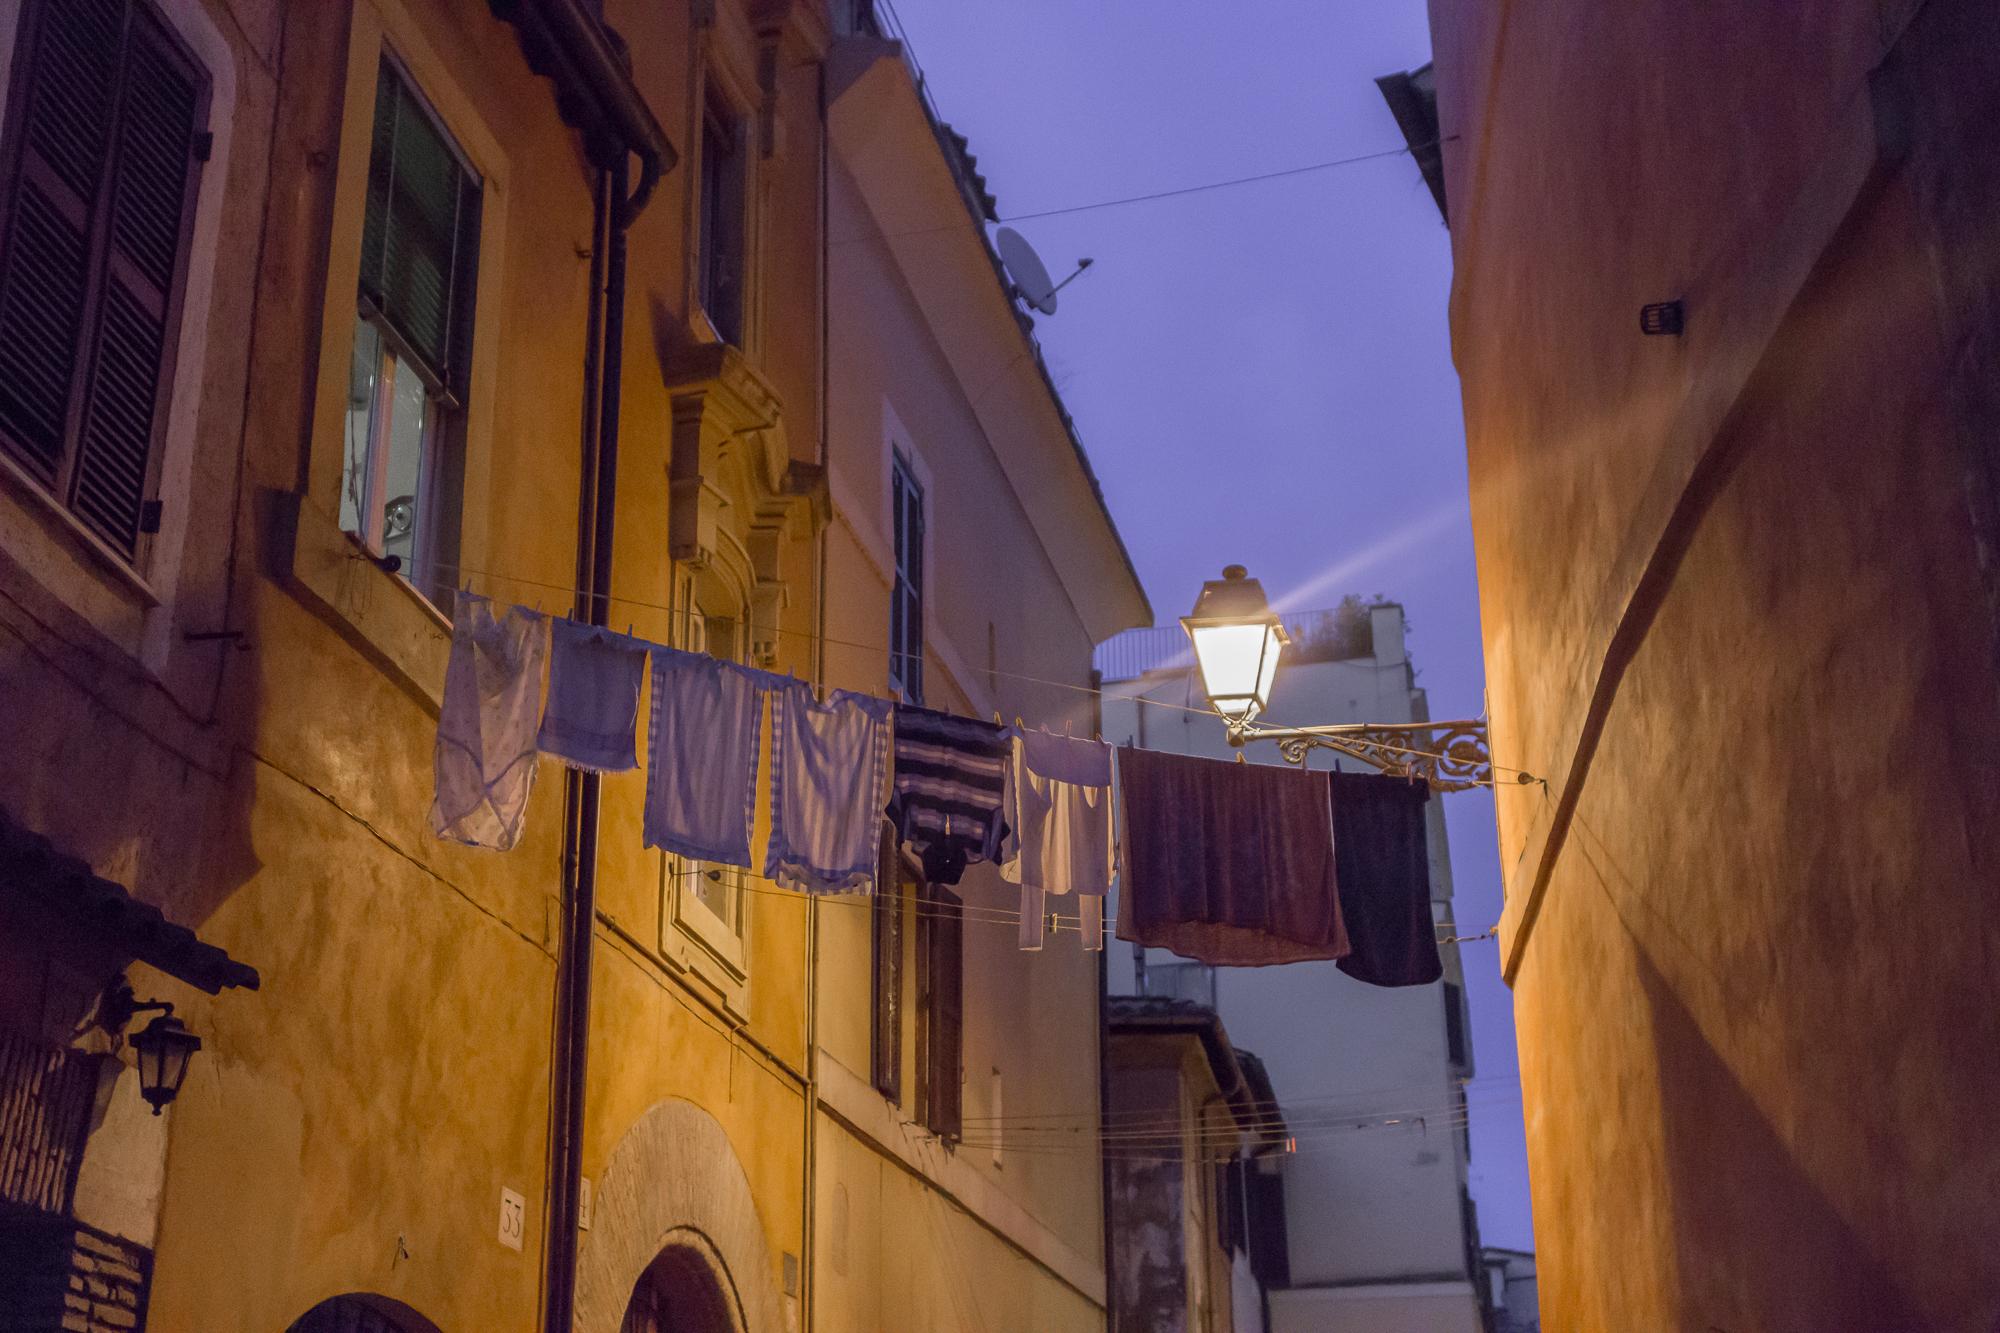 Linge séchant entre deux immeubles dans le quartier de Trastevere, la nuit, Rome, Italie